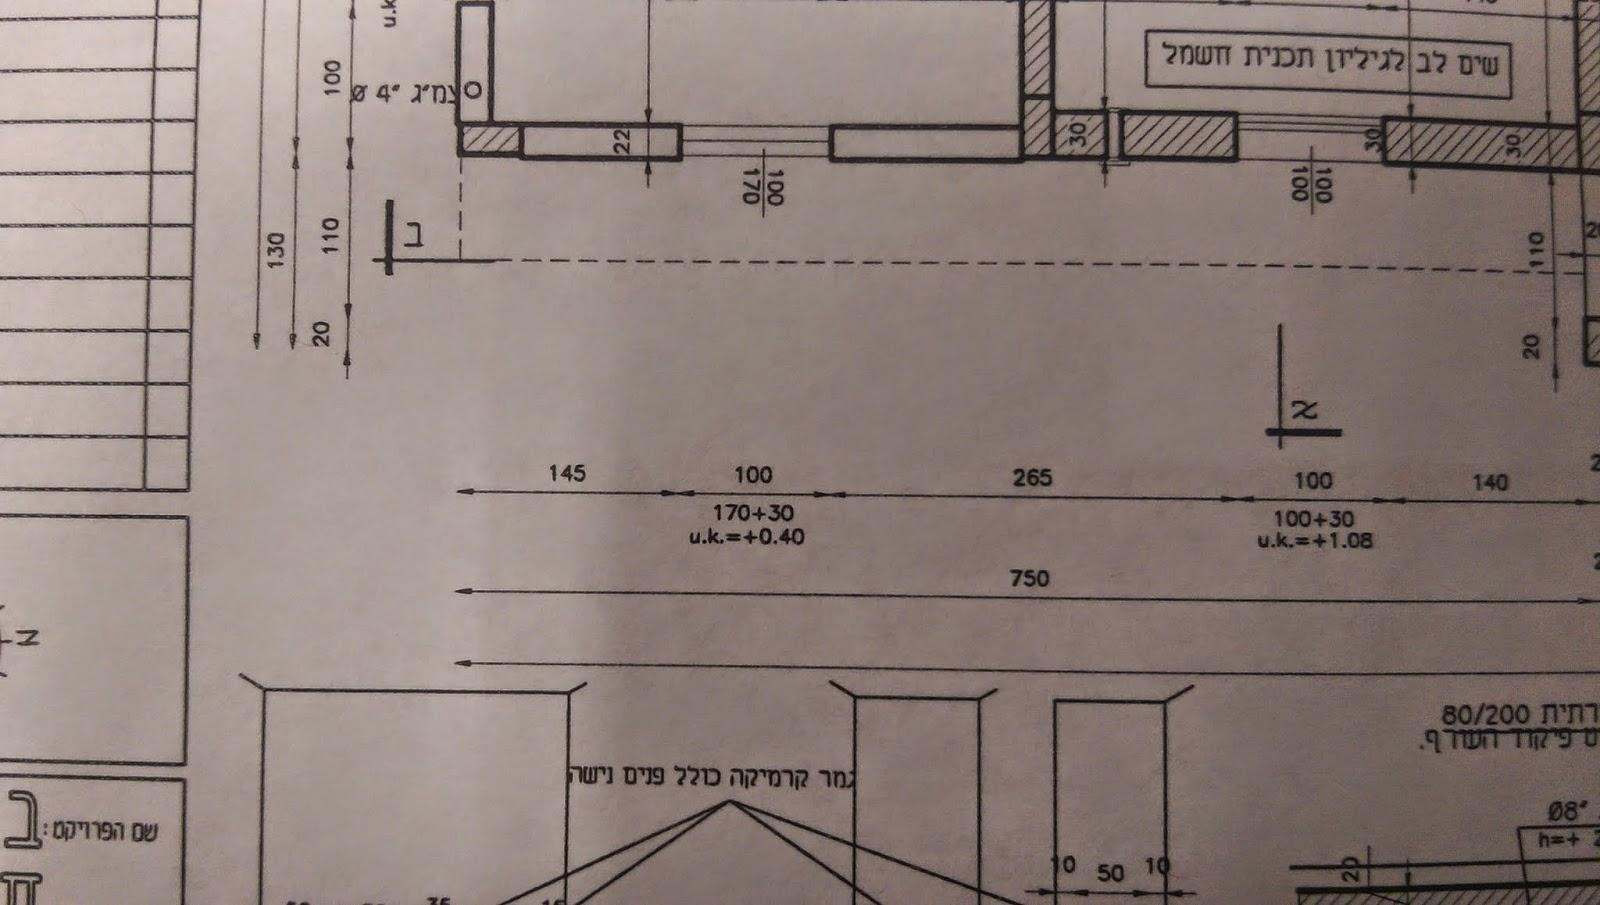 תוכנית אדריכלית - מידות כלליות